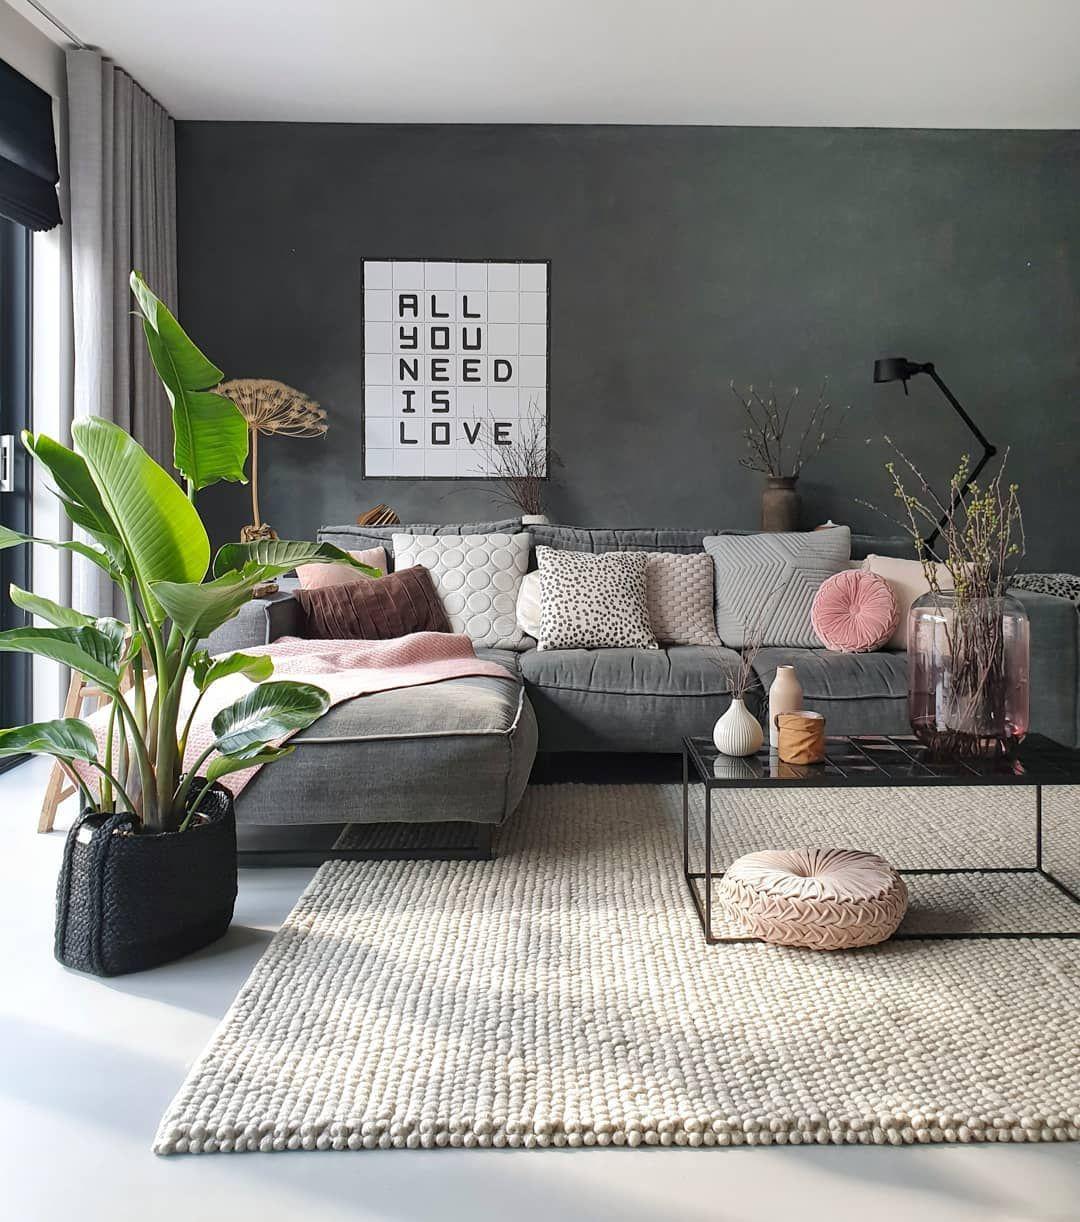 Die 9+ besten Bilder zu Wohnzimmer skandinavisch in 9